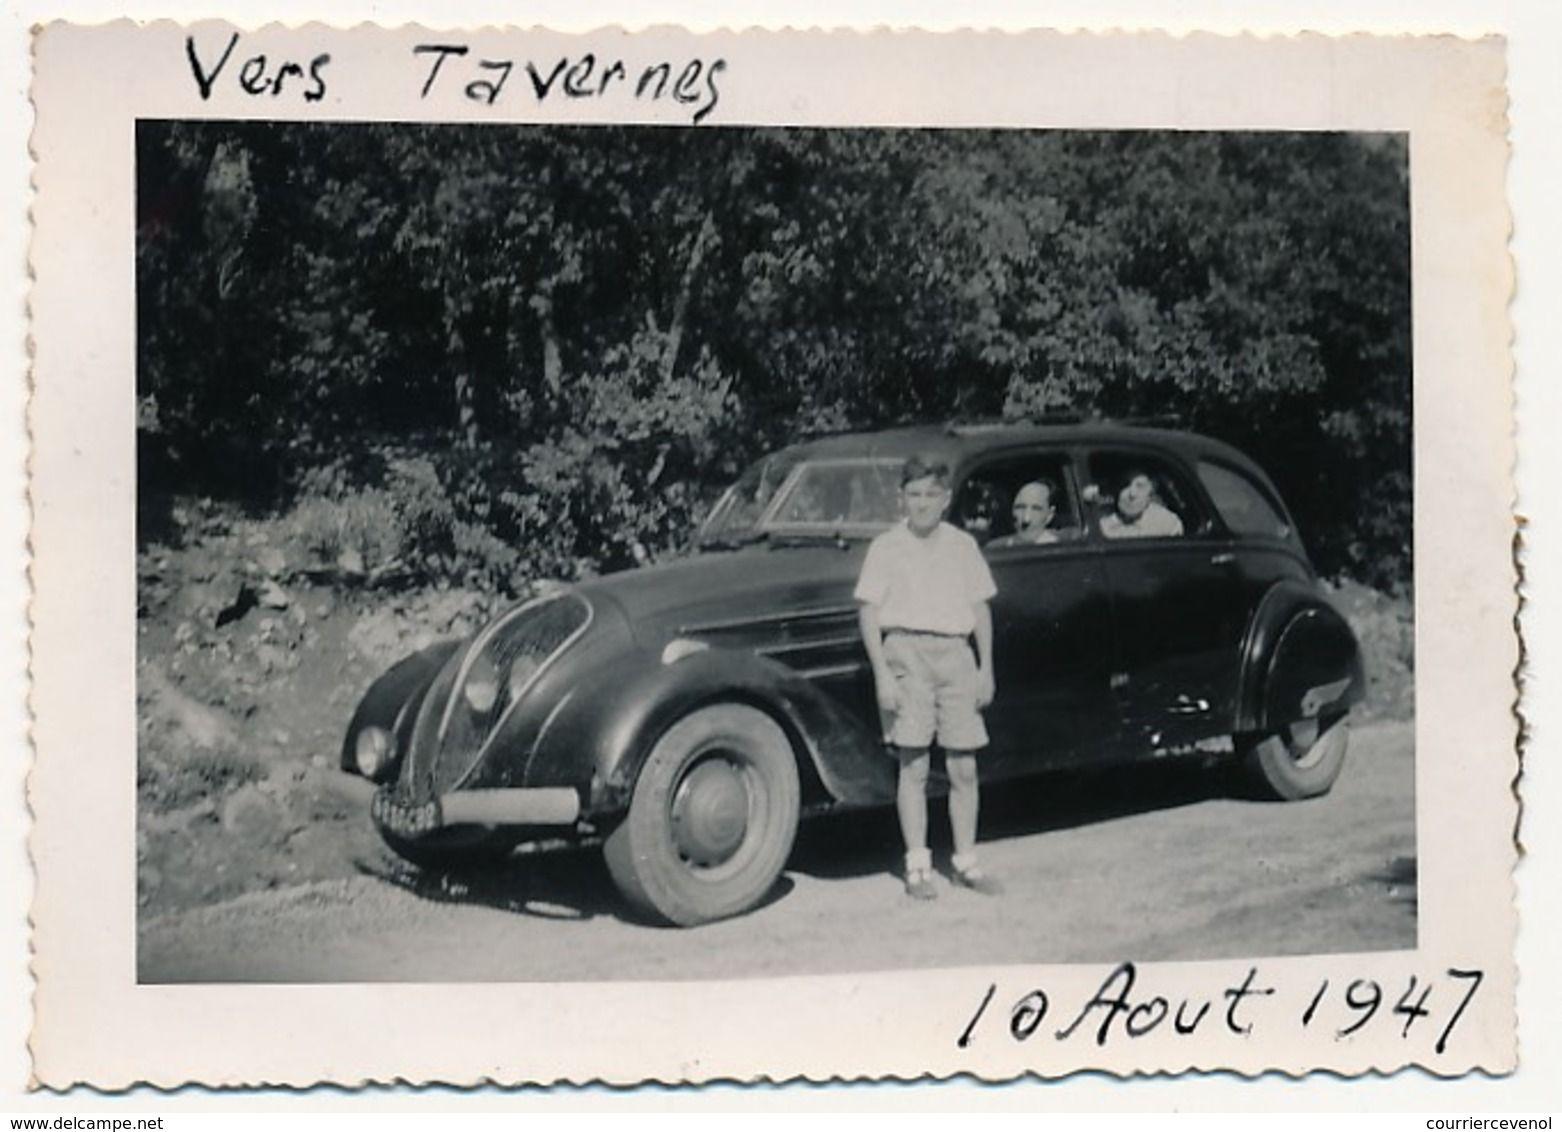 Automobiles 9 Petites Photos 6 5 X 9 Automobiles Photos Datees Entre 1947 Et 1952 7 X 4 Cv Automobile Voiture Voitures Anciennes